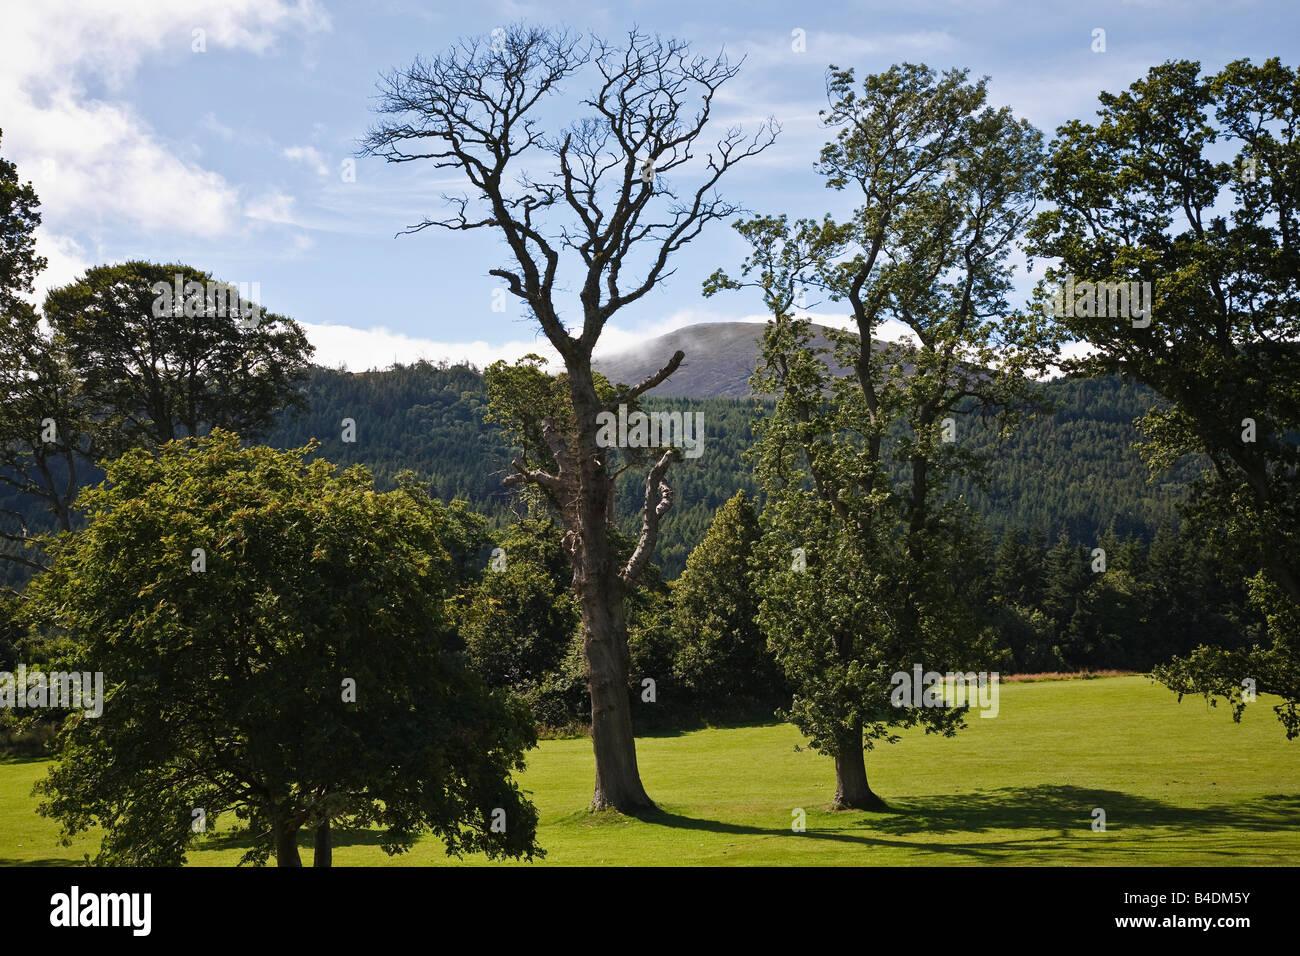 Tollymore parque cerca de Newcastle, las Montañas Mourne, Condado de Down, Irlanda del Norte Foto de stock